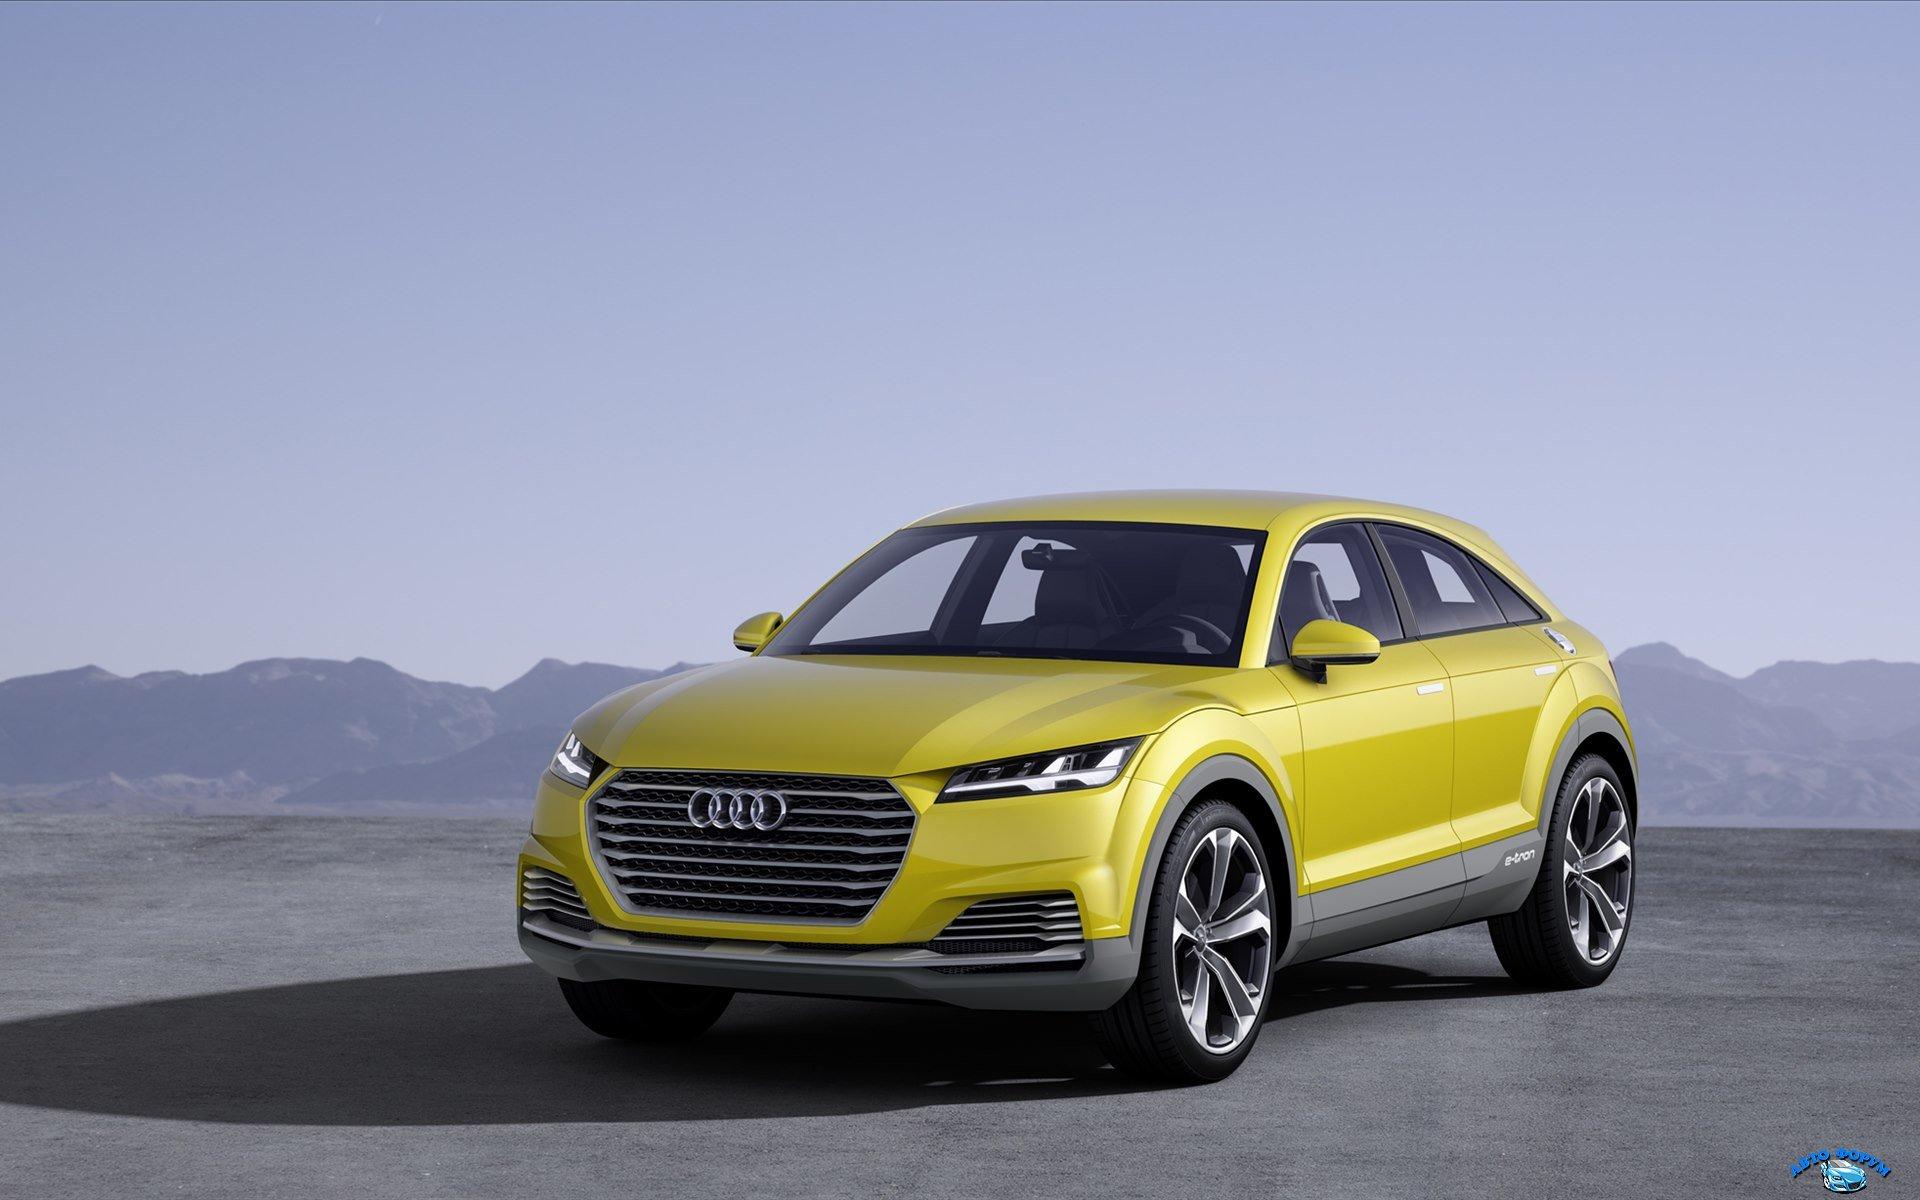 Audi-TT-offroad-concept-2014-widescreen-01.jpg